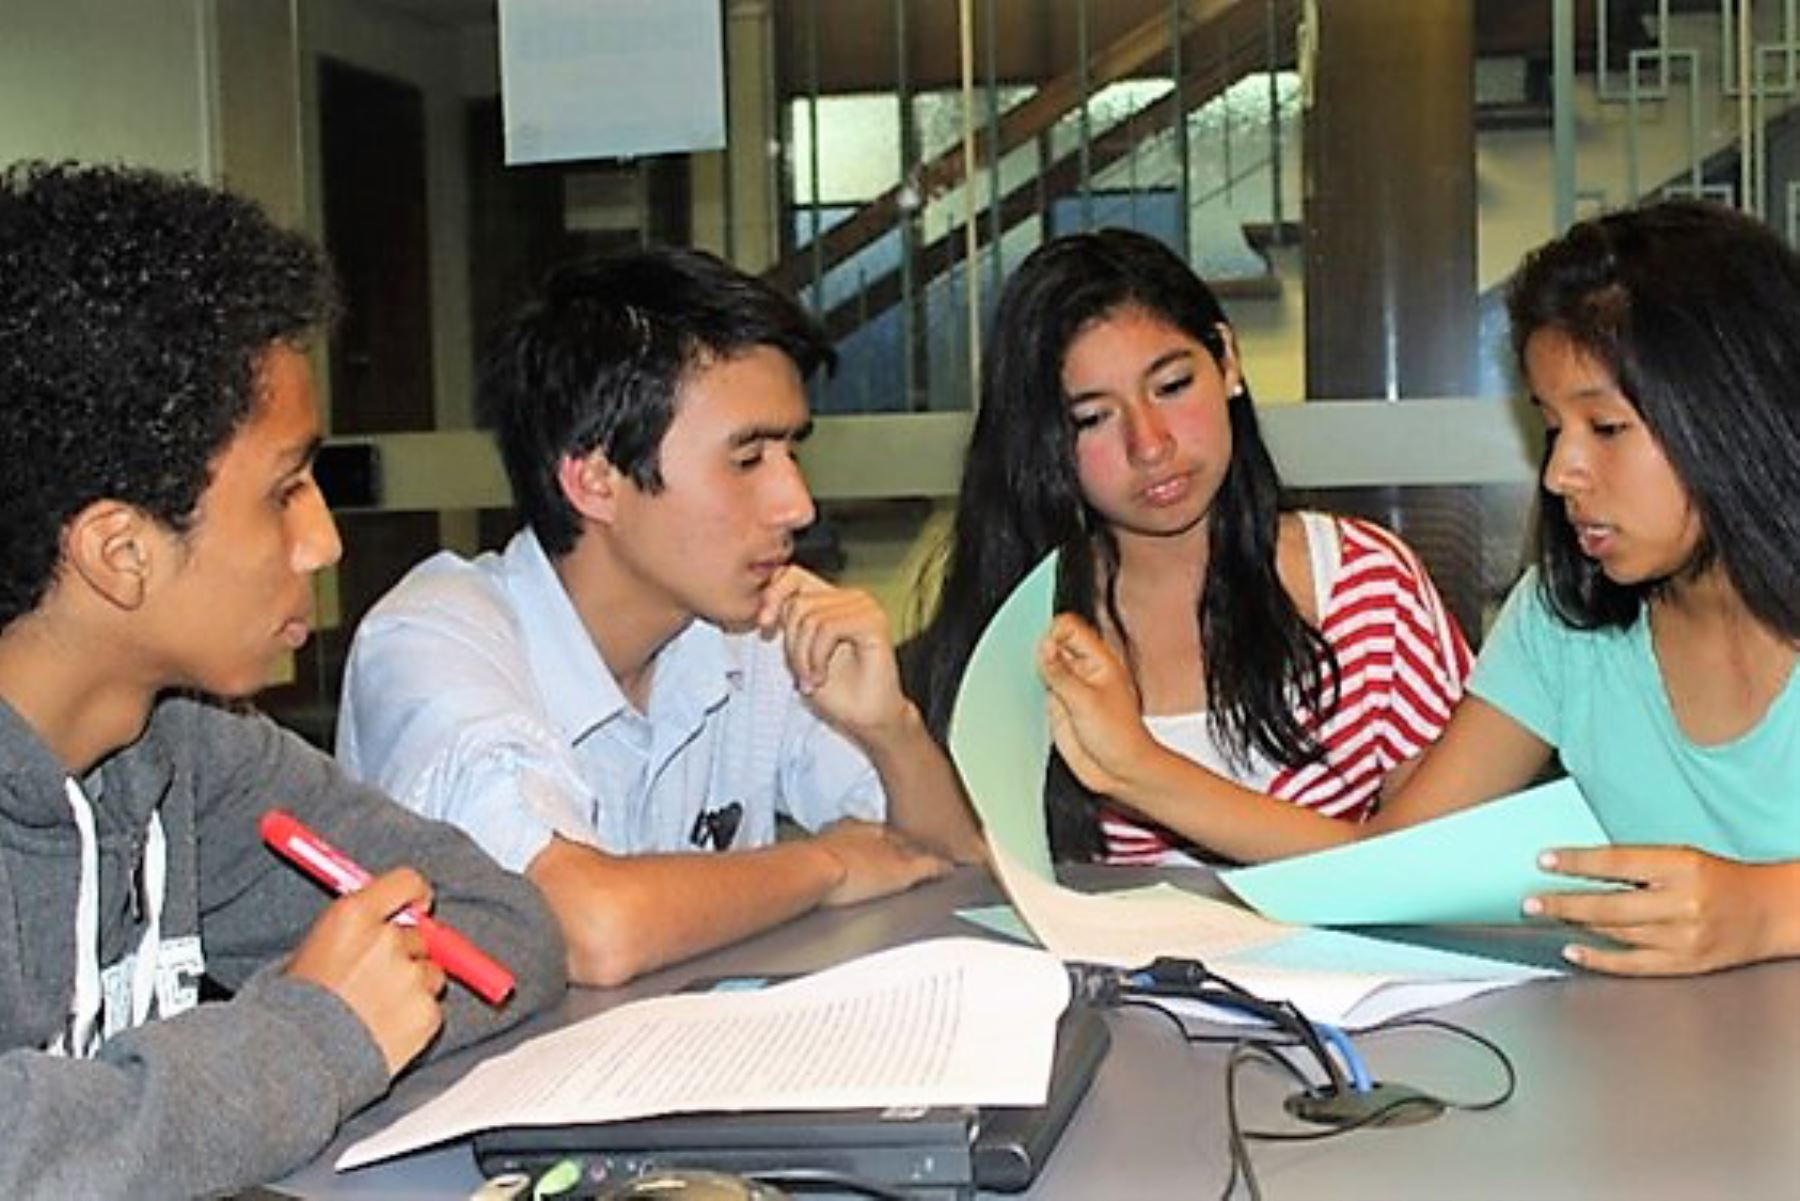 Unicef presentó el Índice de Bienestar Adolescente (IBA), una herramienta que permitirá mejorar las políticas públicas orientadas a este sector de la población. Foto: Unicef